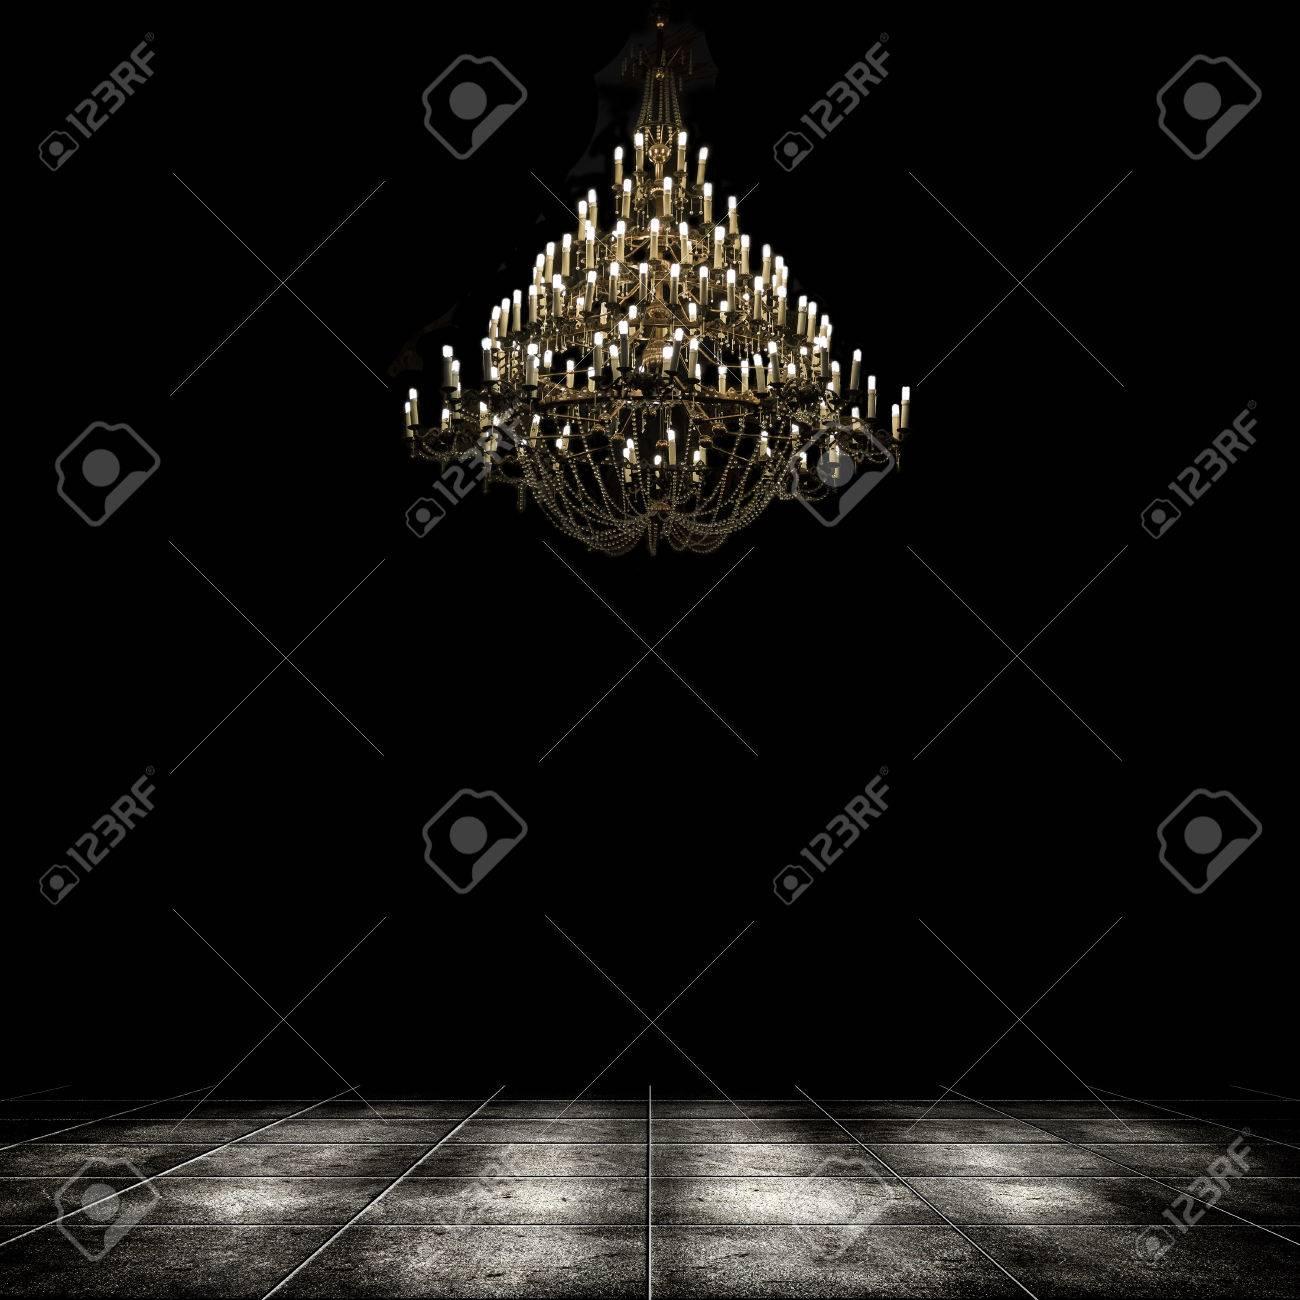 Image Of Grunge Dark Room Interior With Chandelier Background 1300x1300